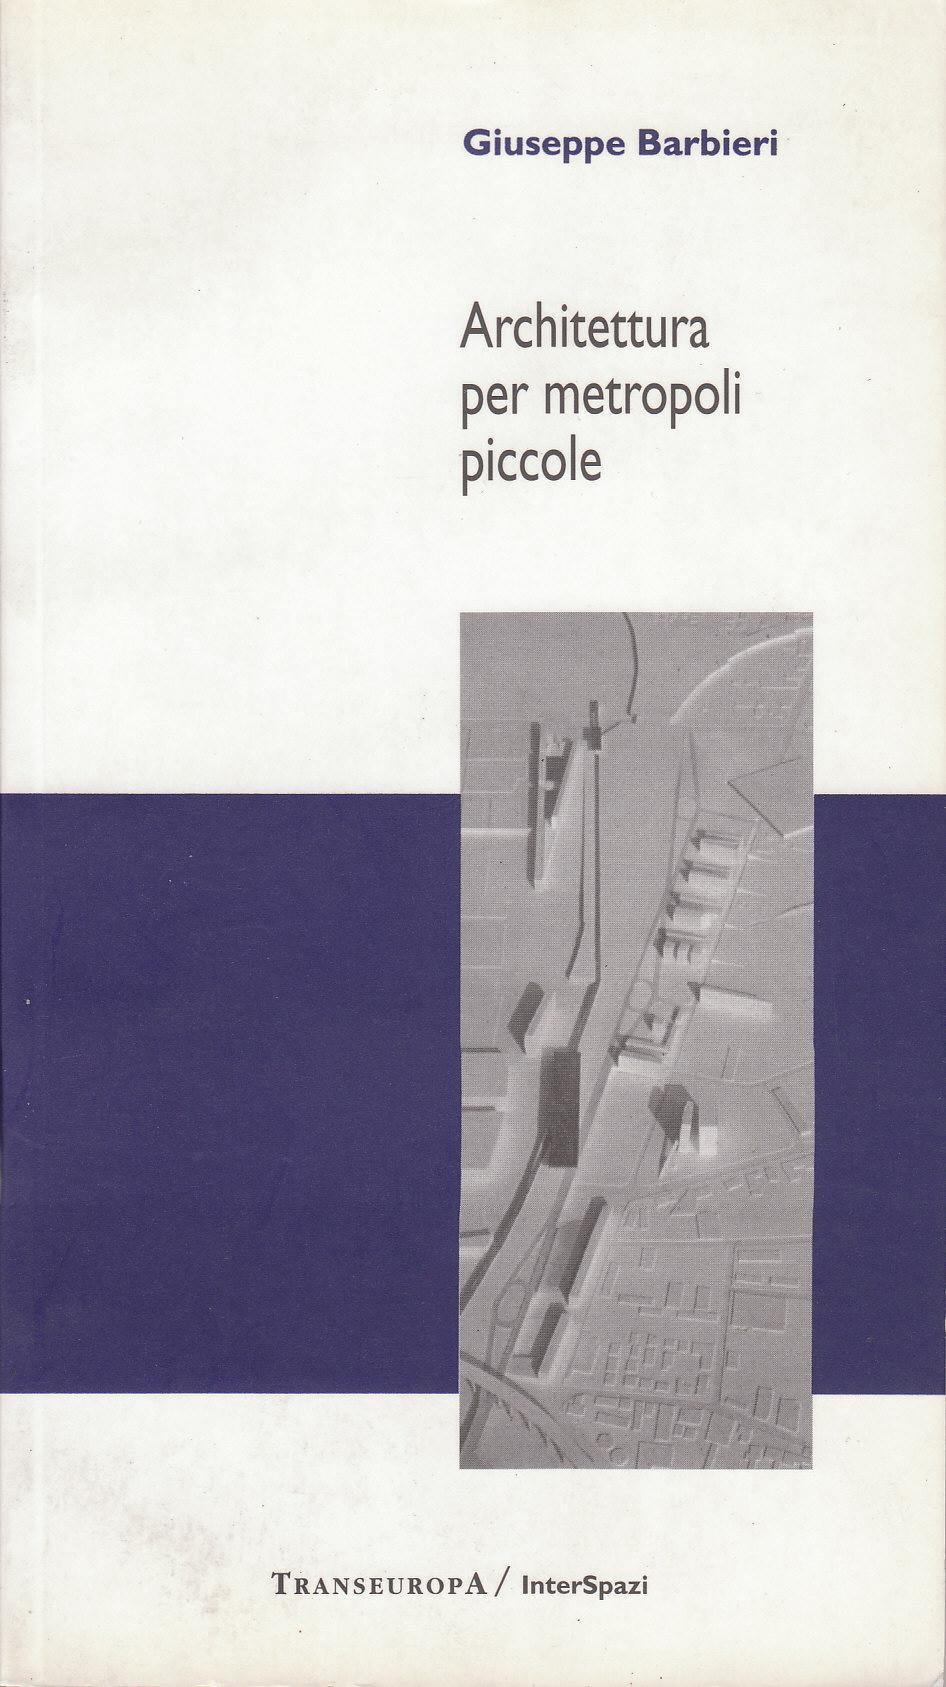 Architettura per metropoli piccole